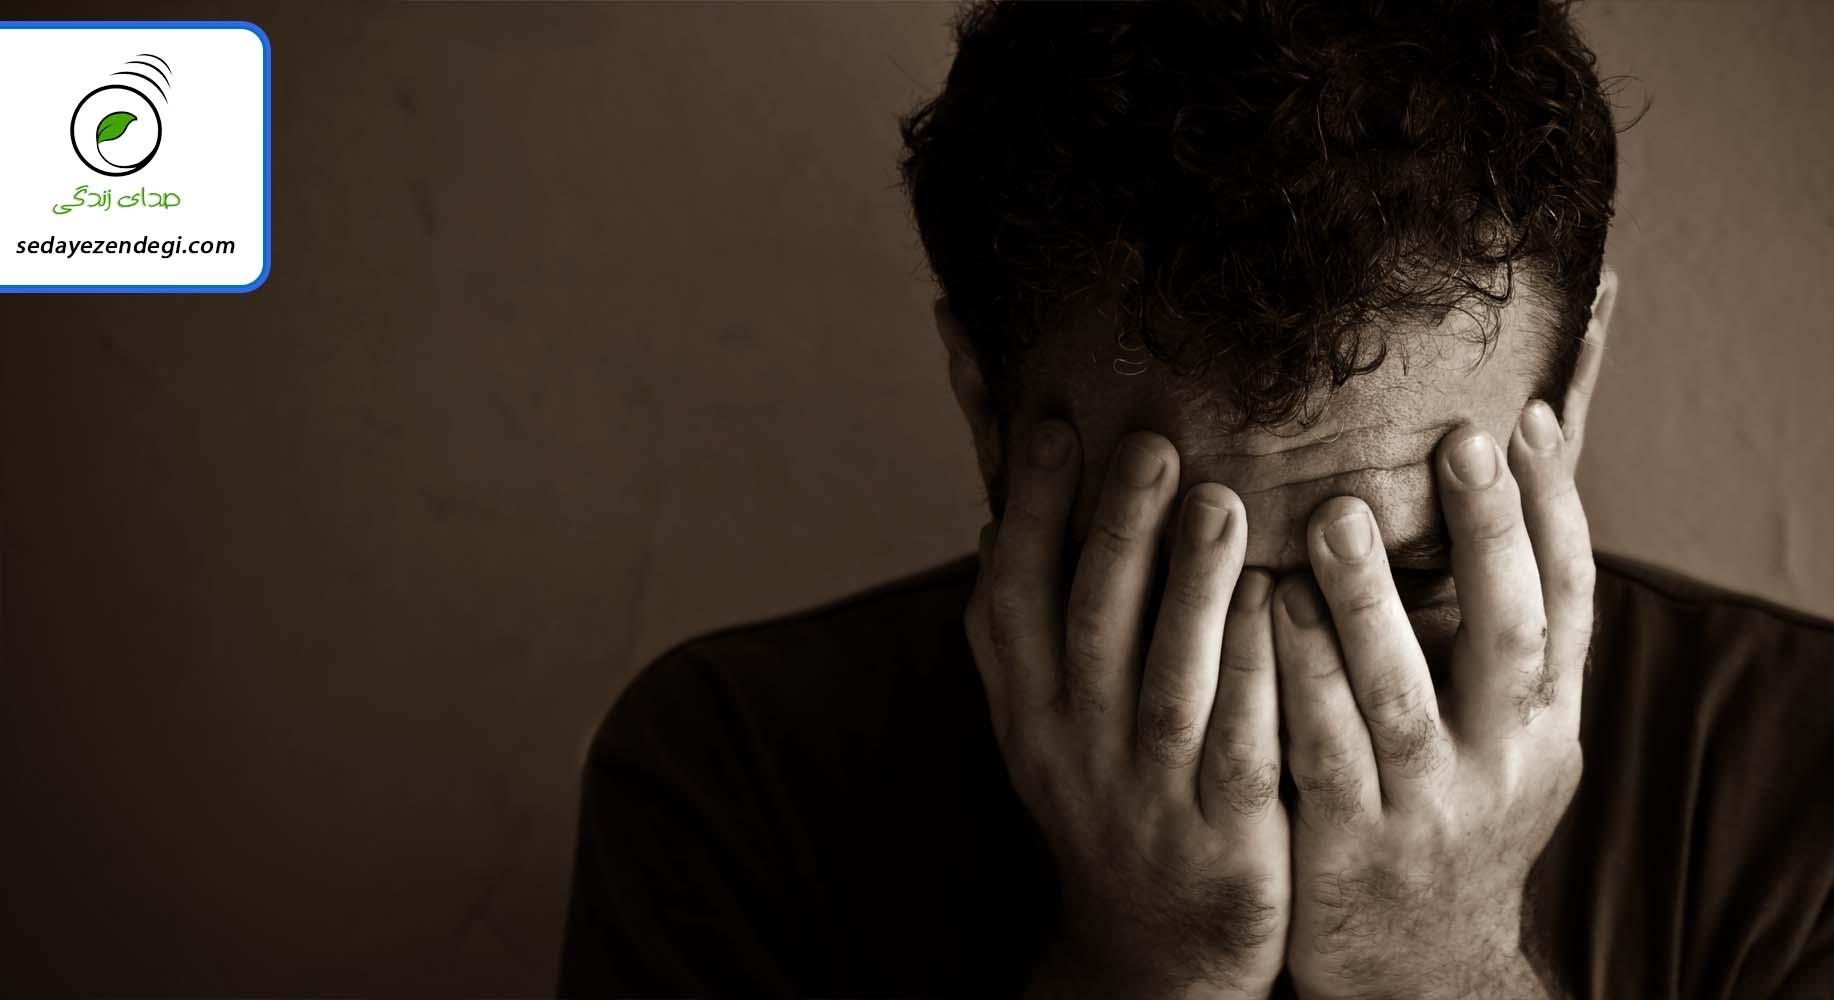 درمان اختلال استرس پس از سانحه PTSD